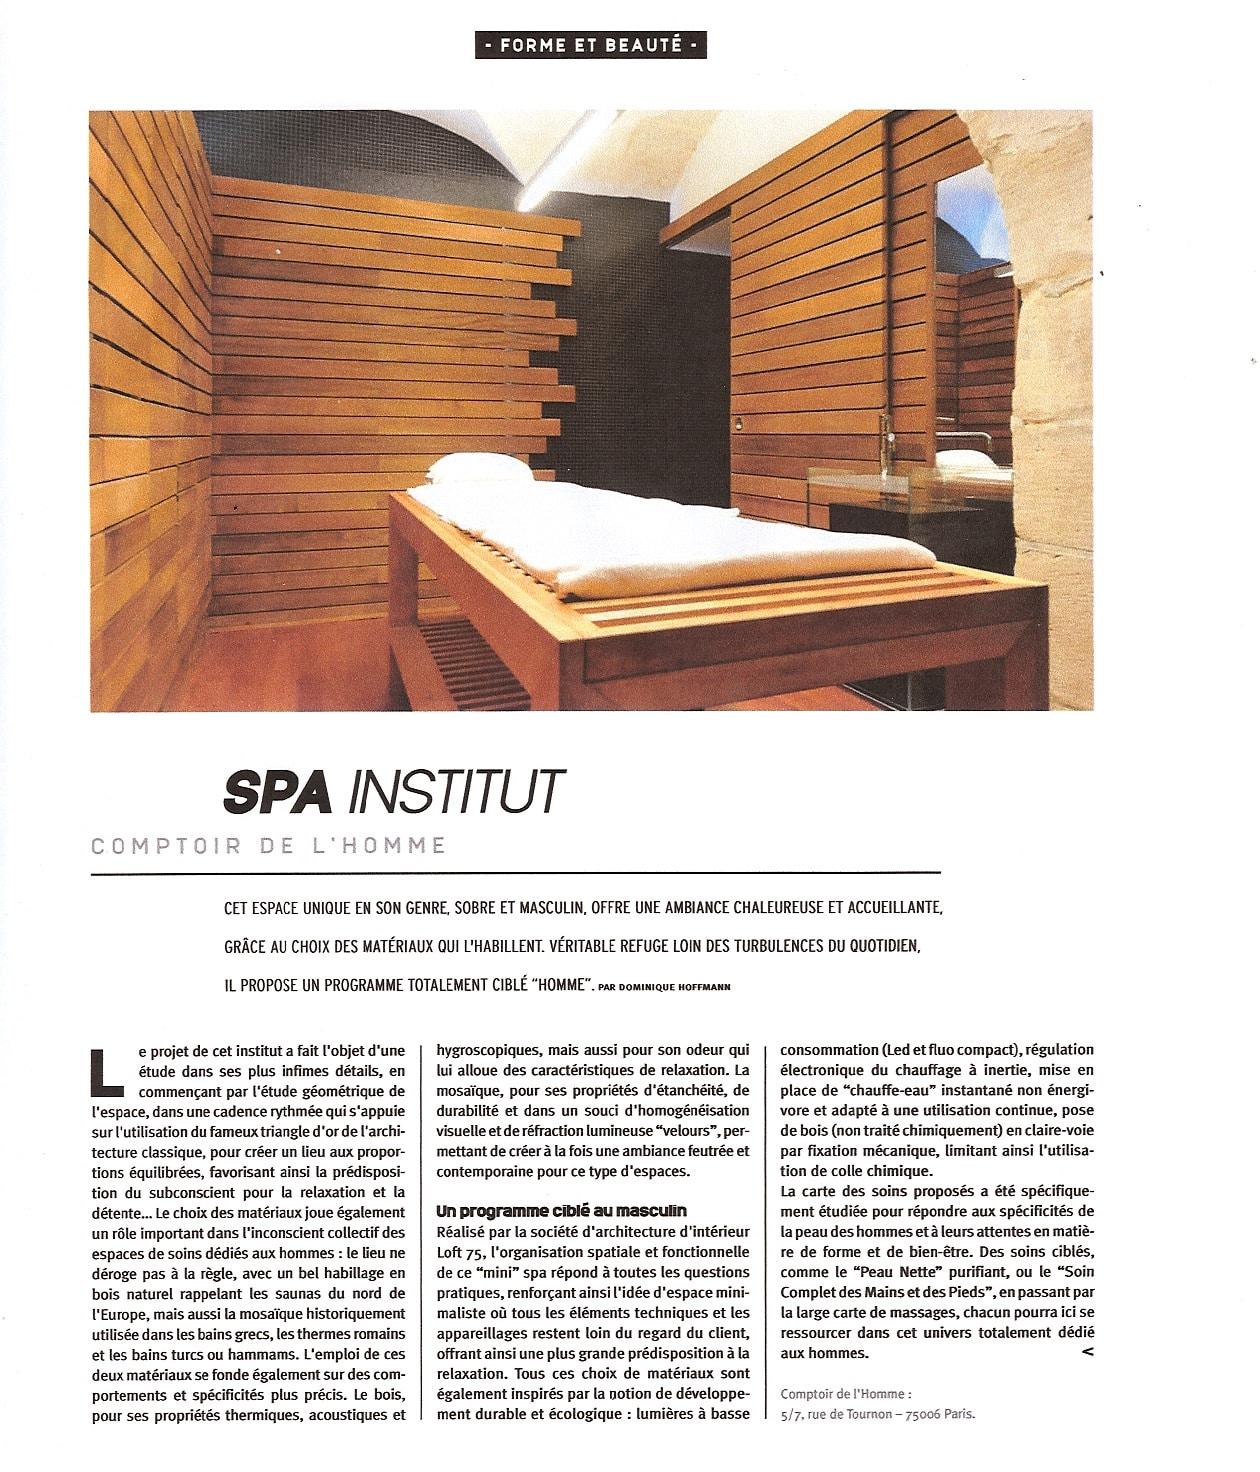 Article sur Loft75 design architecture d'intérieur